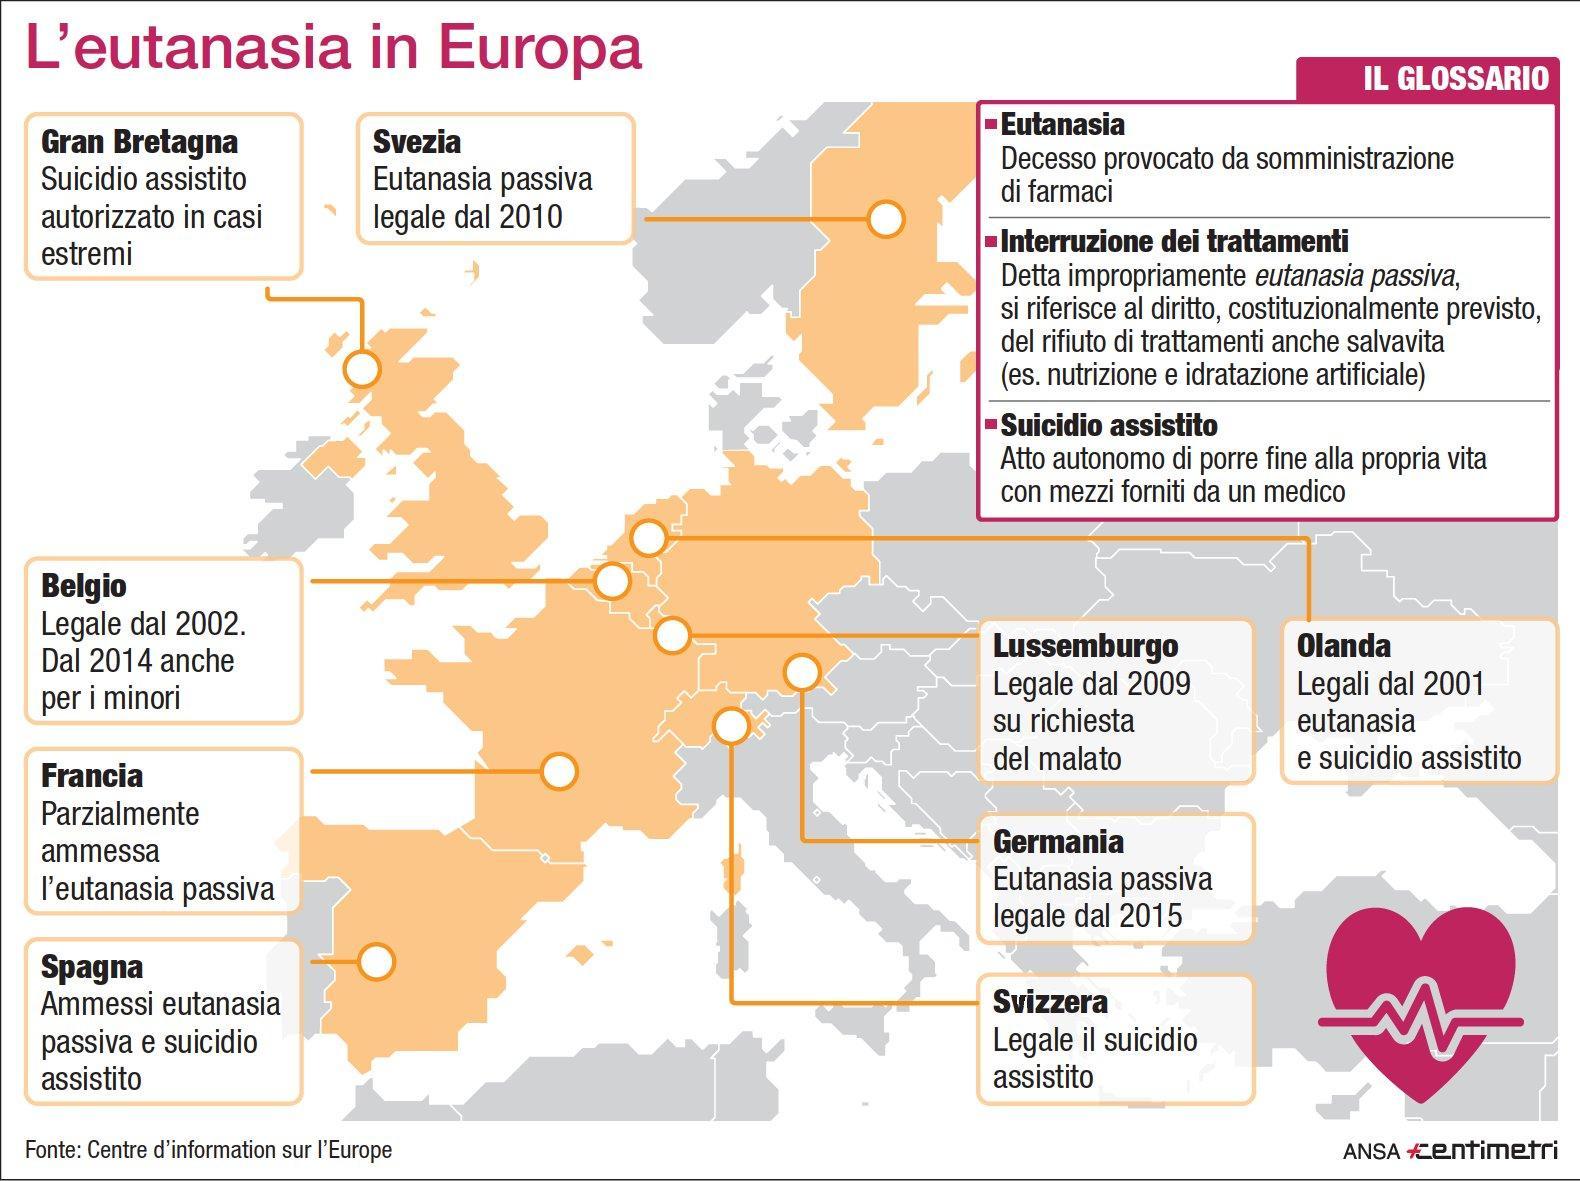 I Paesi europei in cui è legale l'eutanasia